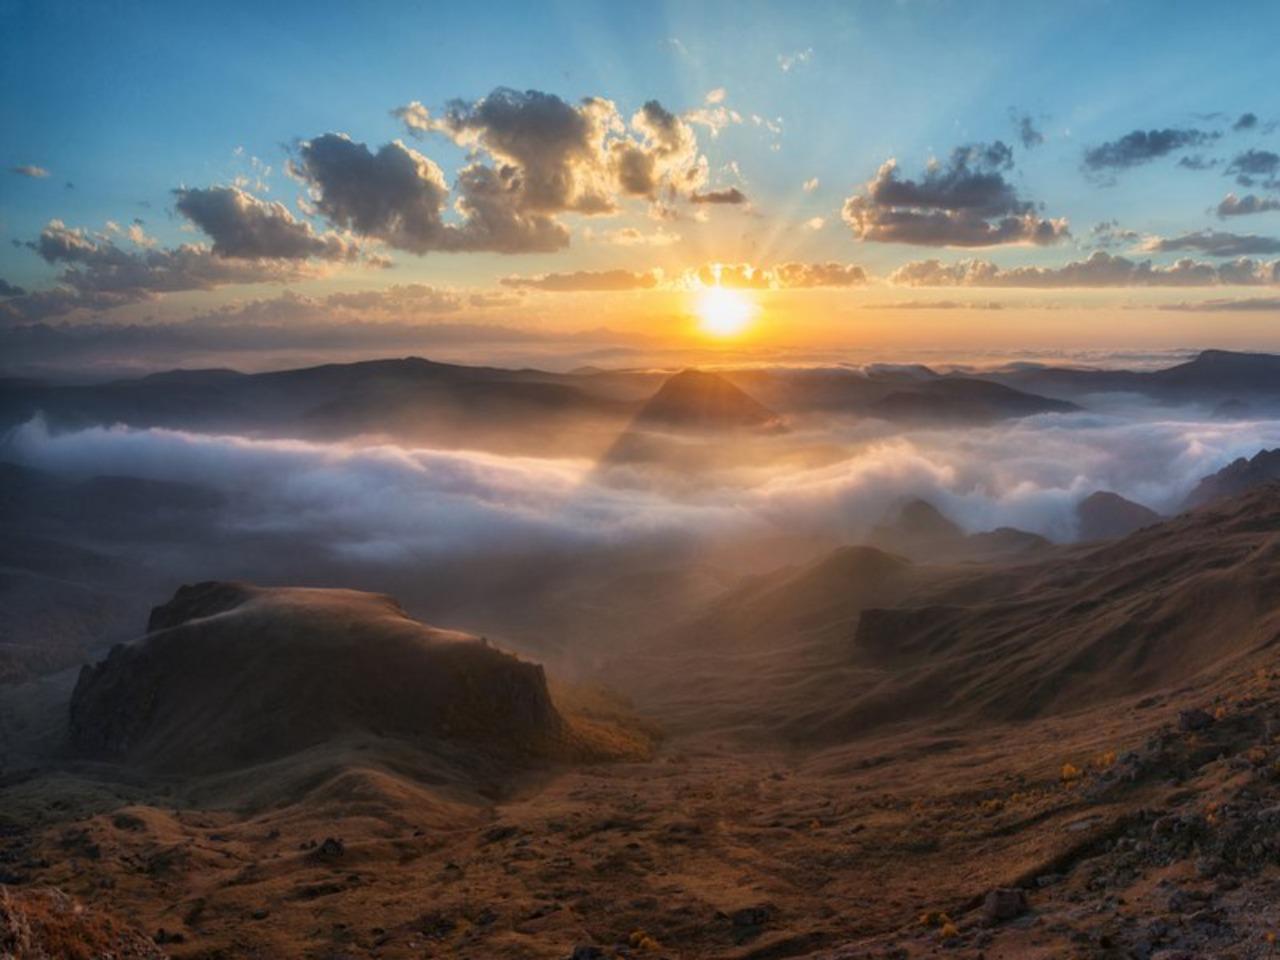 Закат на удивительном плато Бермамыт - индивидуальная экскурсия в Кисловодске от опытного гида